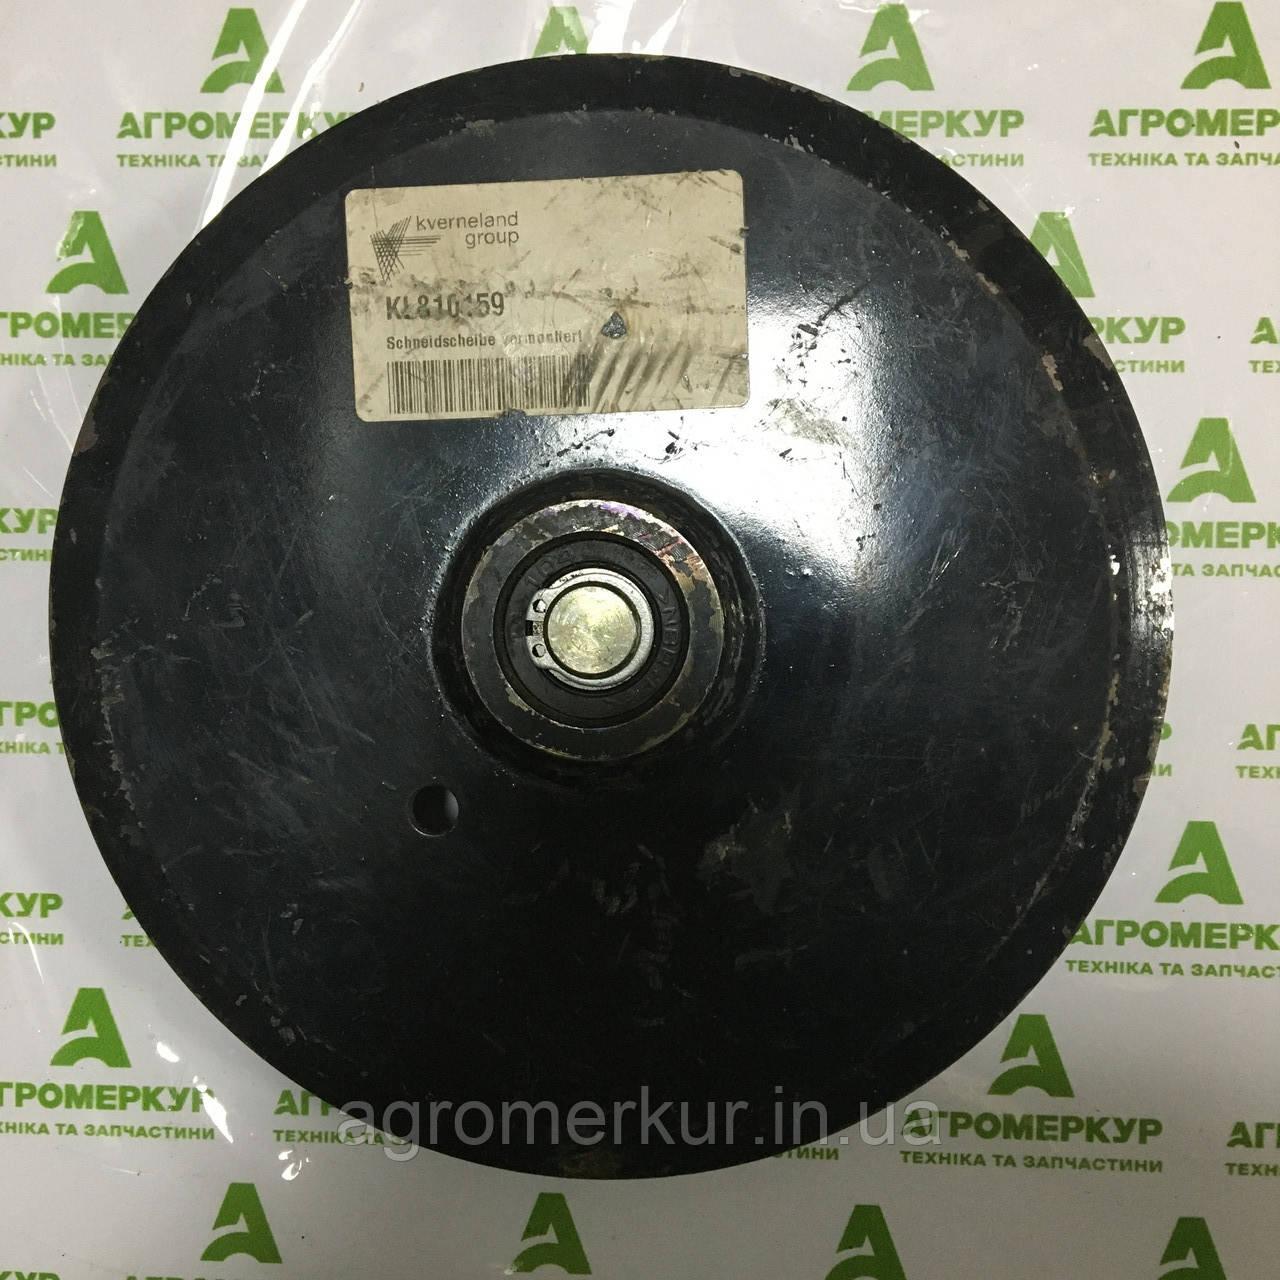 Диск сошника KL810159 Kverneland  (KL810224)